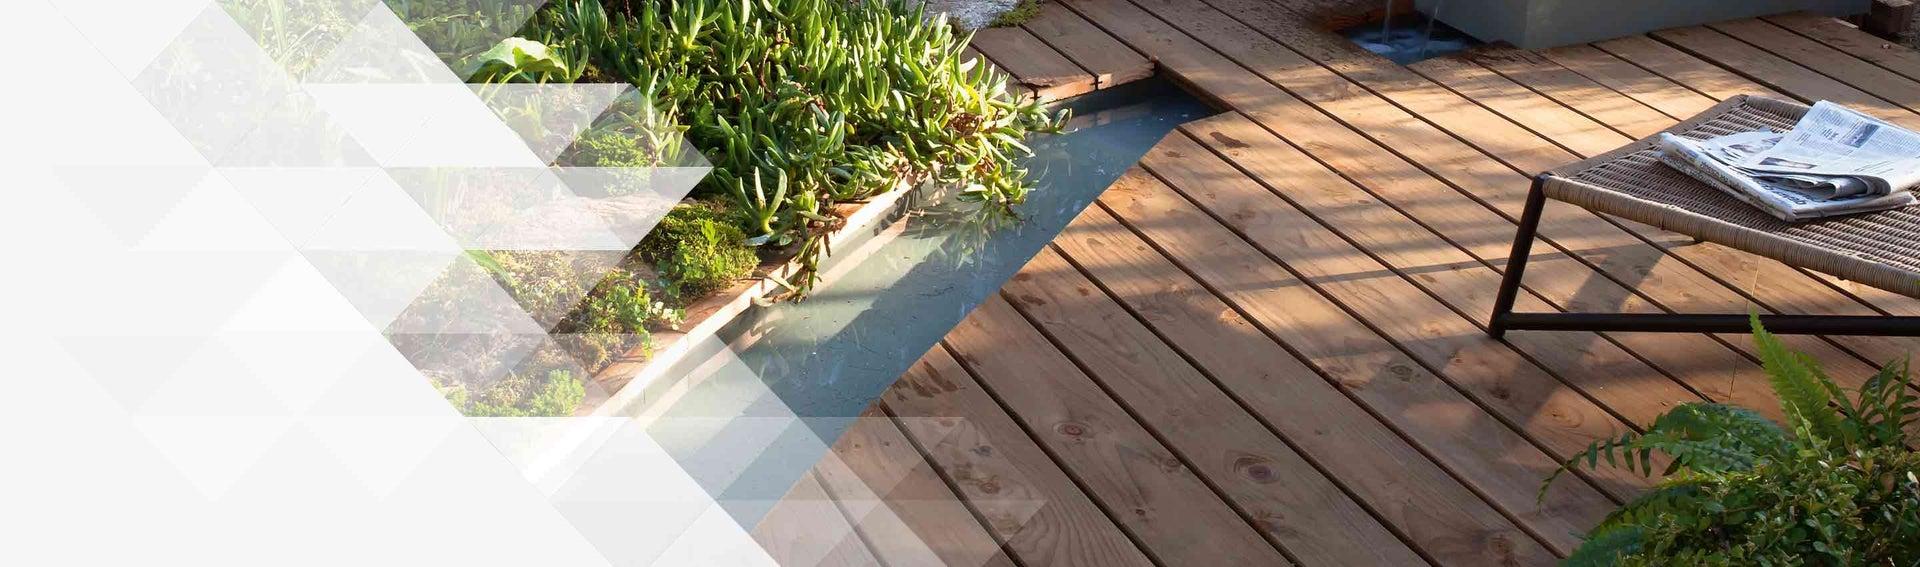 Quel Est Le Meilleur Bois Pour Terrasse terrasse et sol extérieur - jardin | leroy merlin